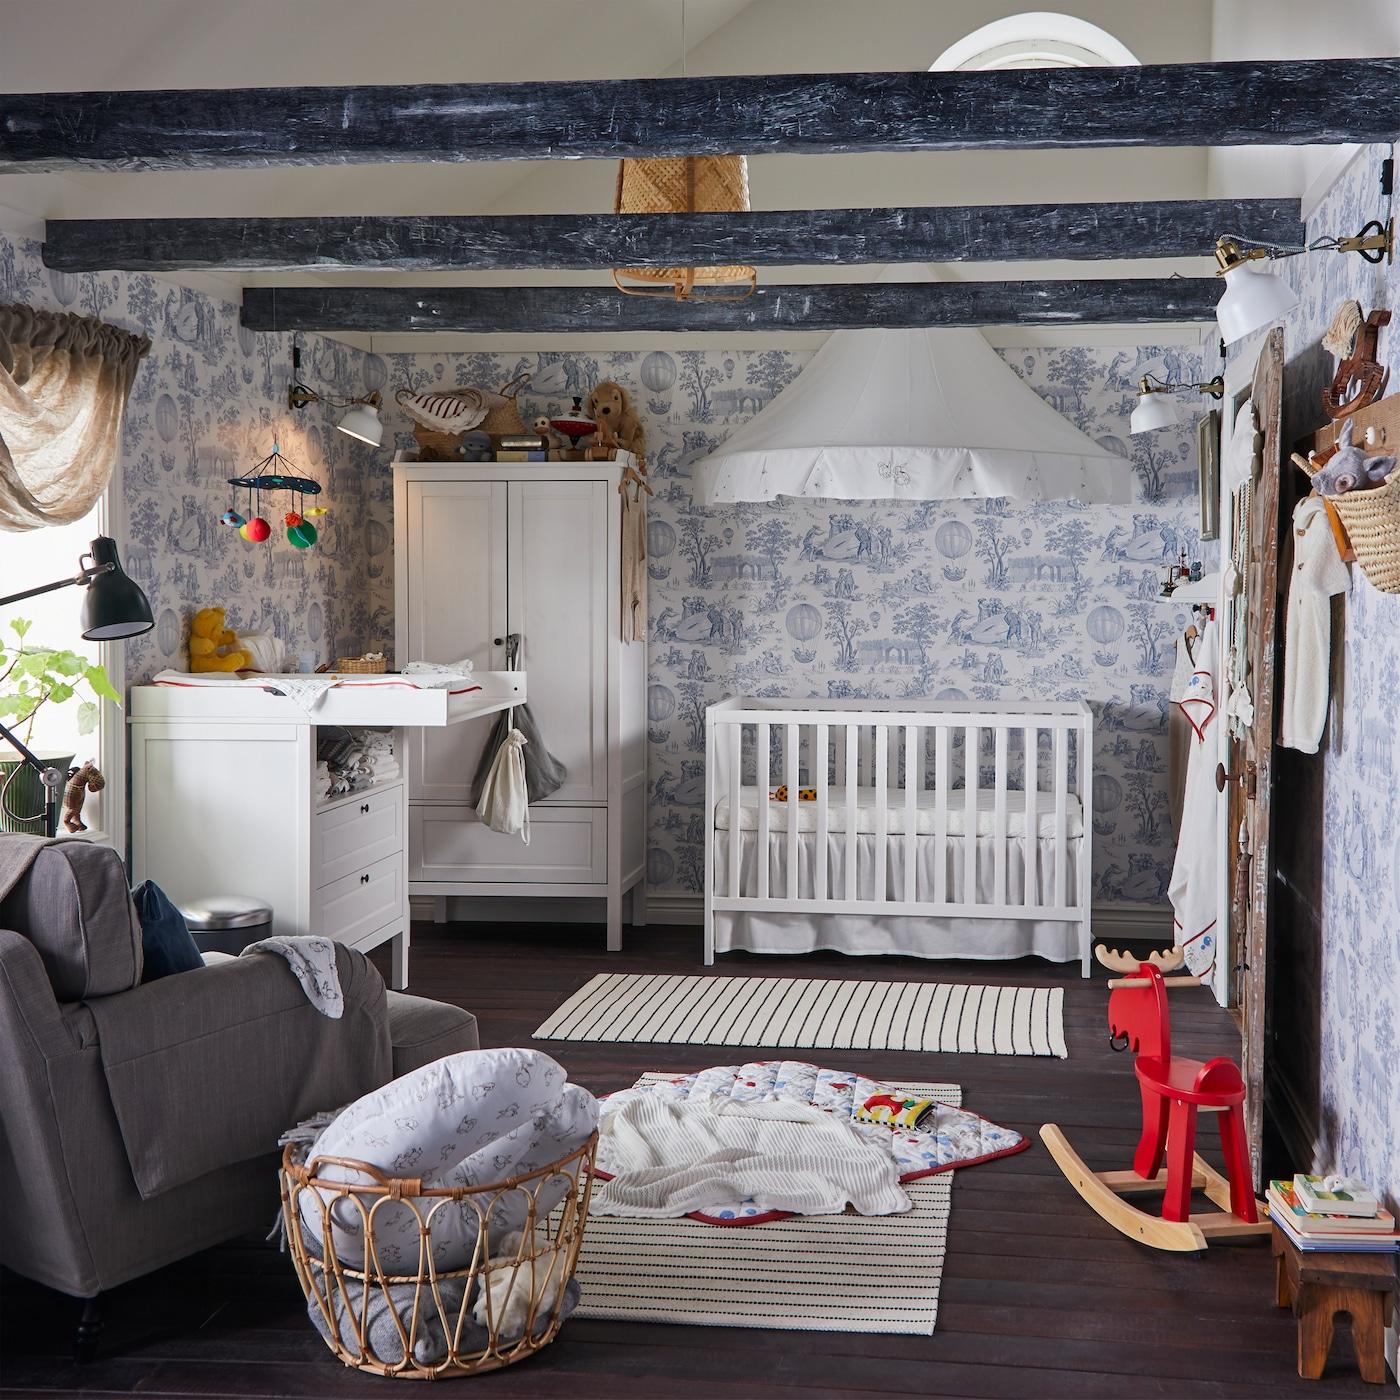 Gyerekszoba kék/fehér tapétával, fehér rácsos ággyal és pelenkázóasztallal, fehér gardrób és két fehér/fekete csíkos szőnyeg.